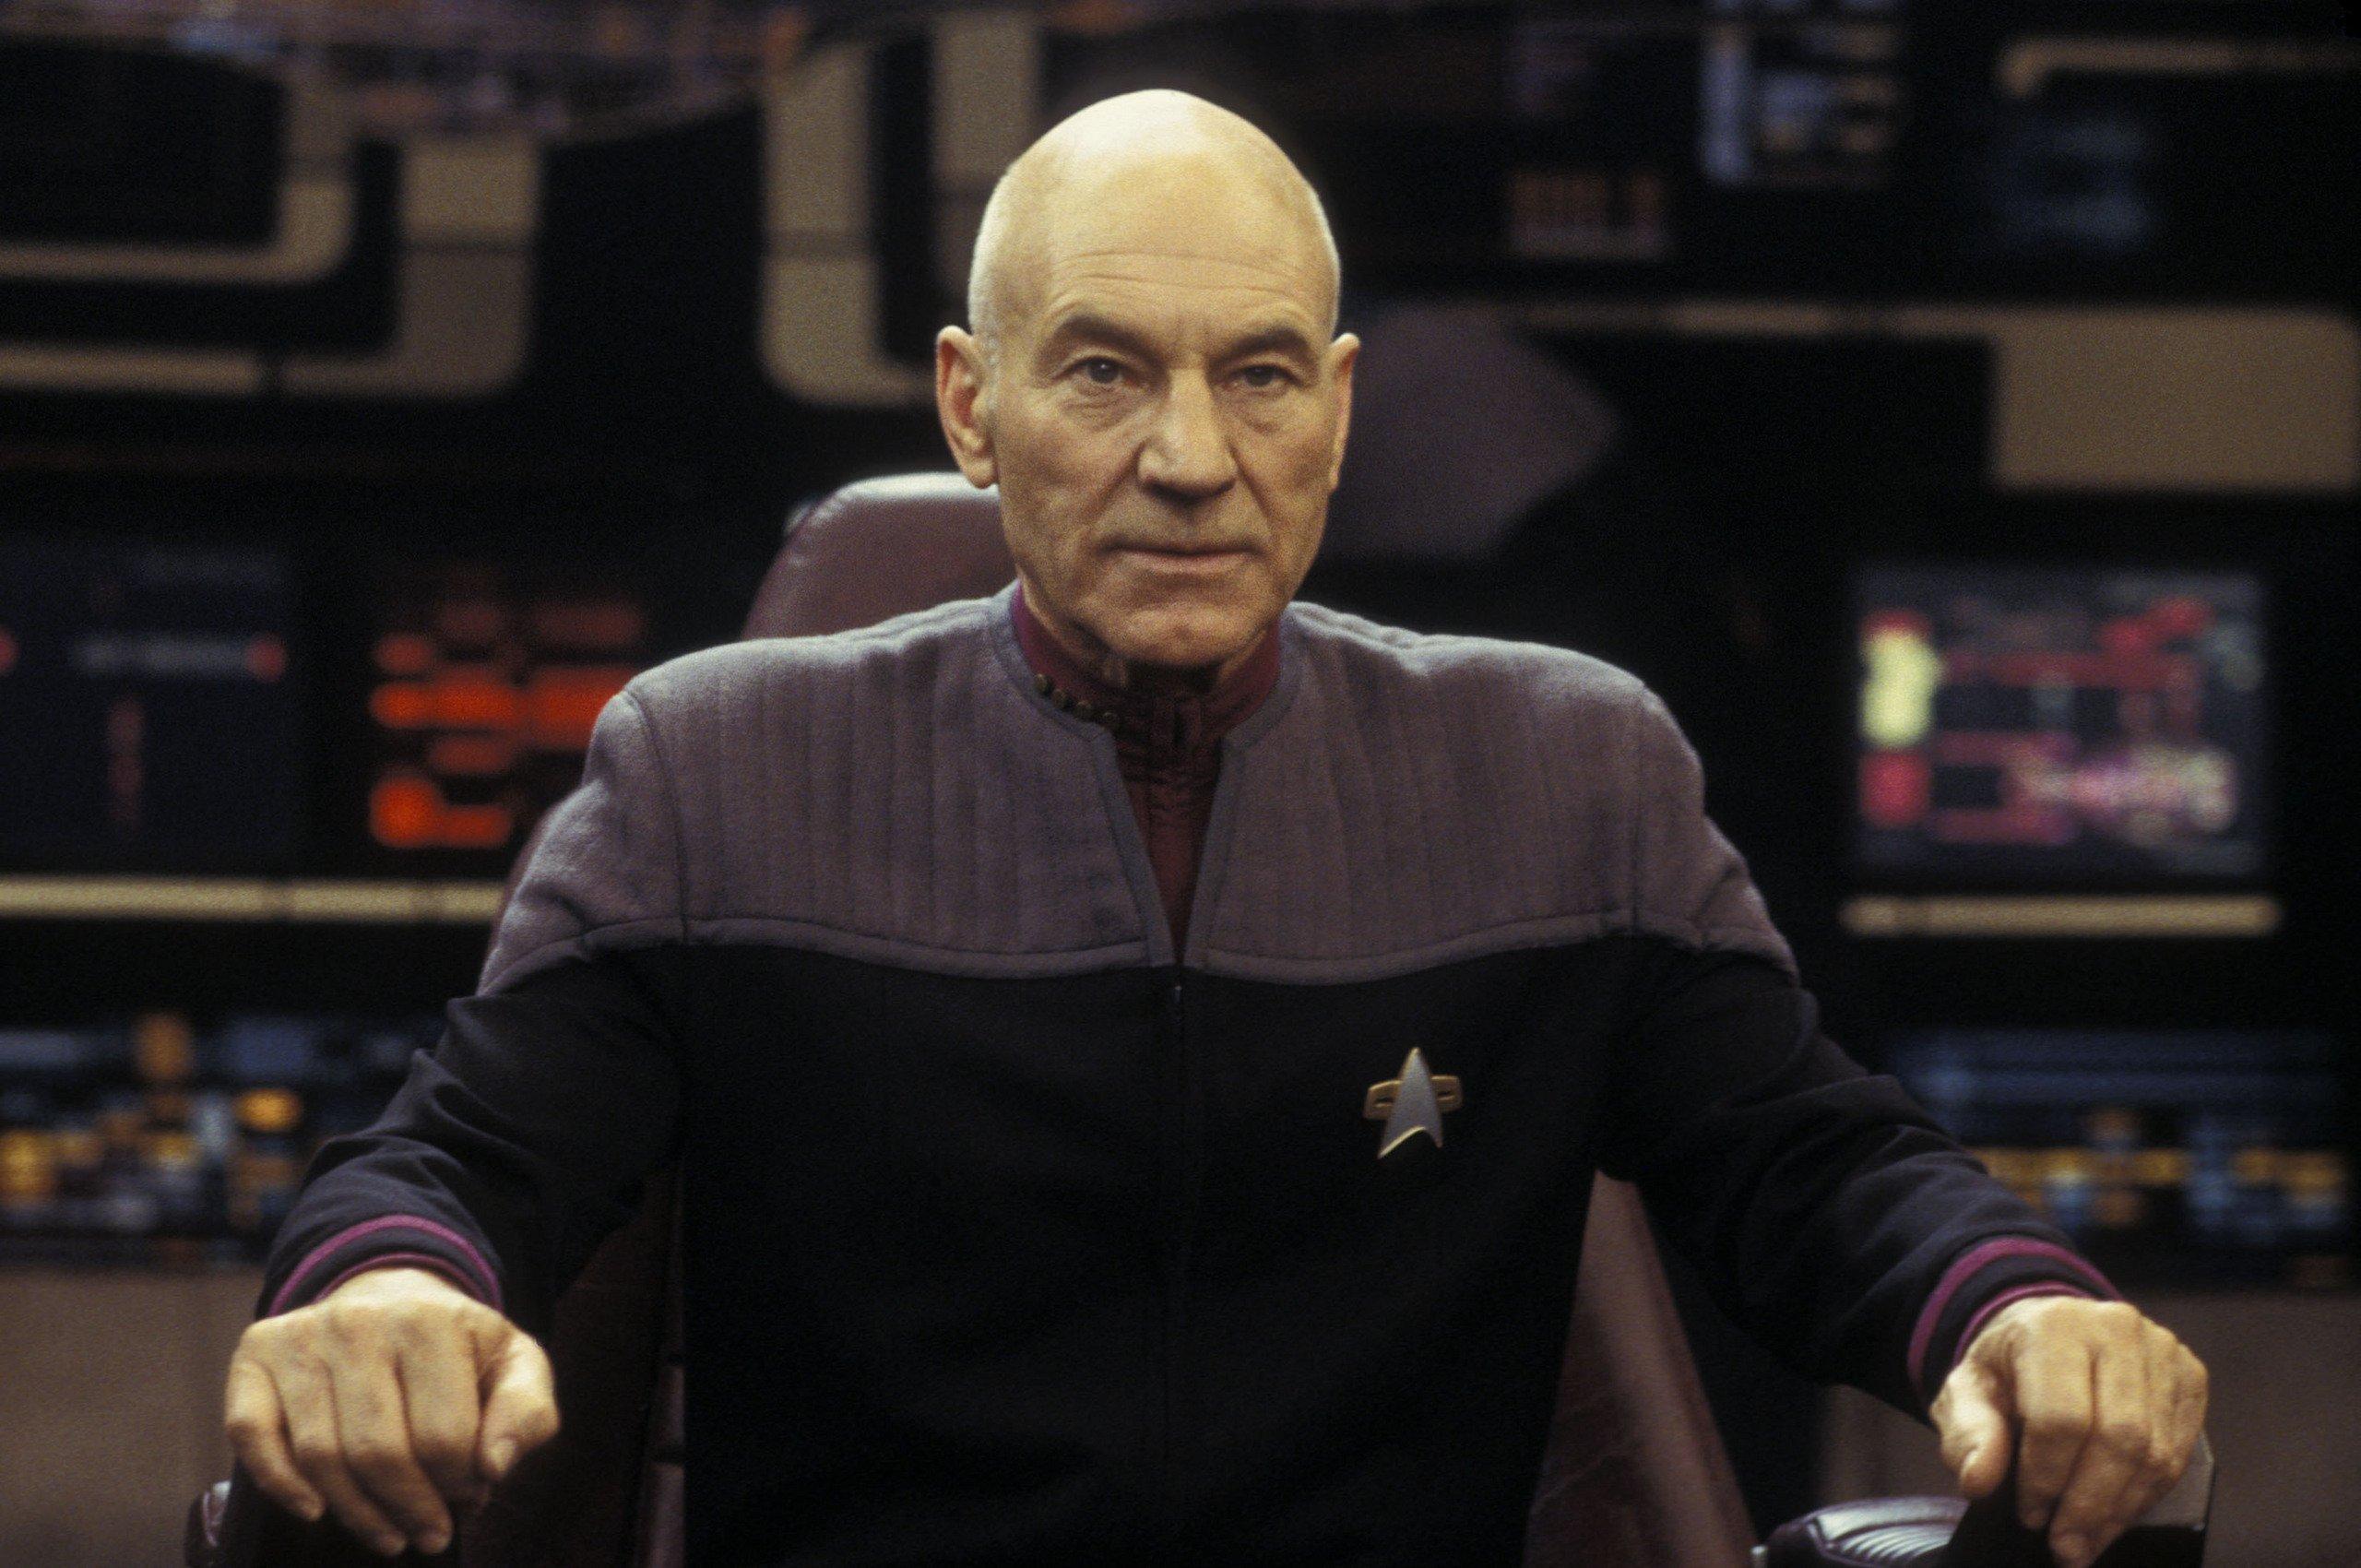 Star Trek – jaki będzie tytuł serialu o Picardzie? Nowe szczegóły